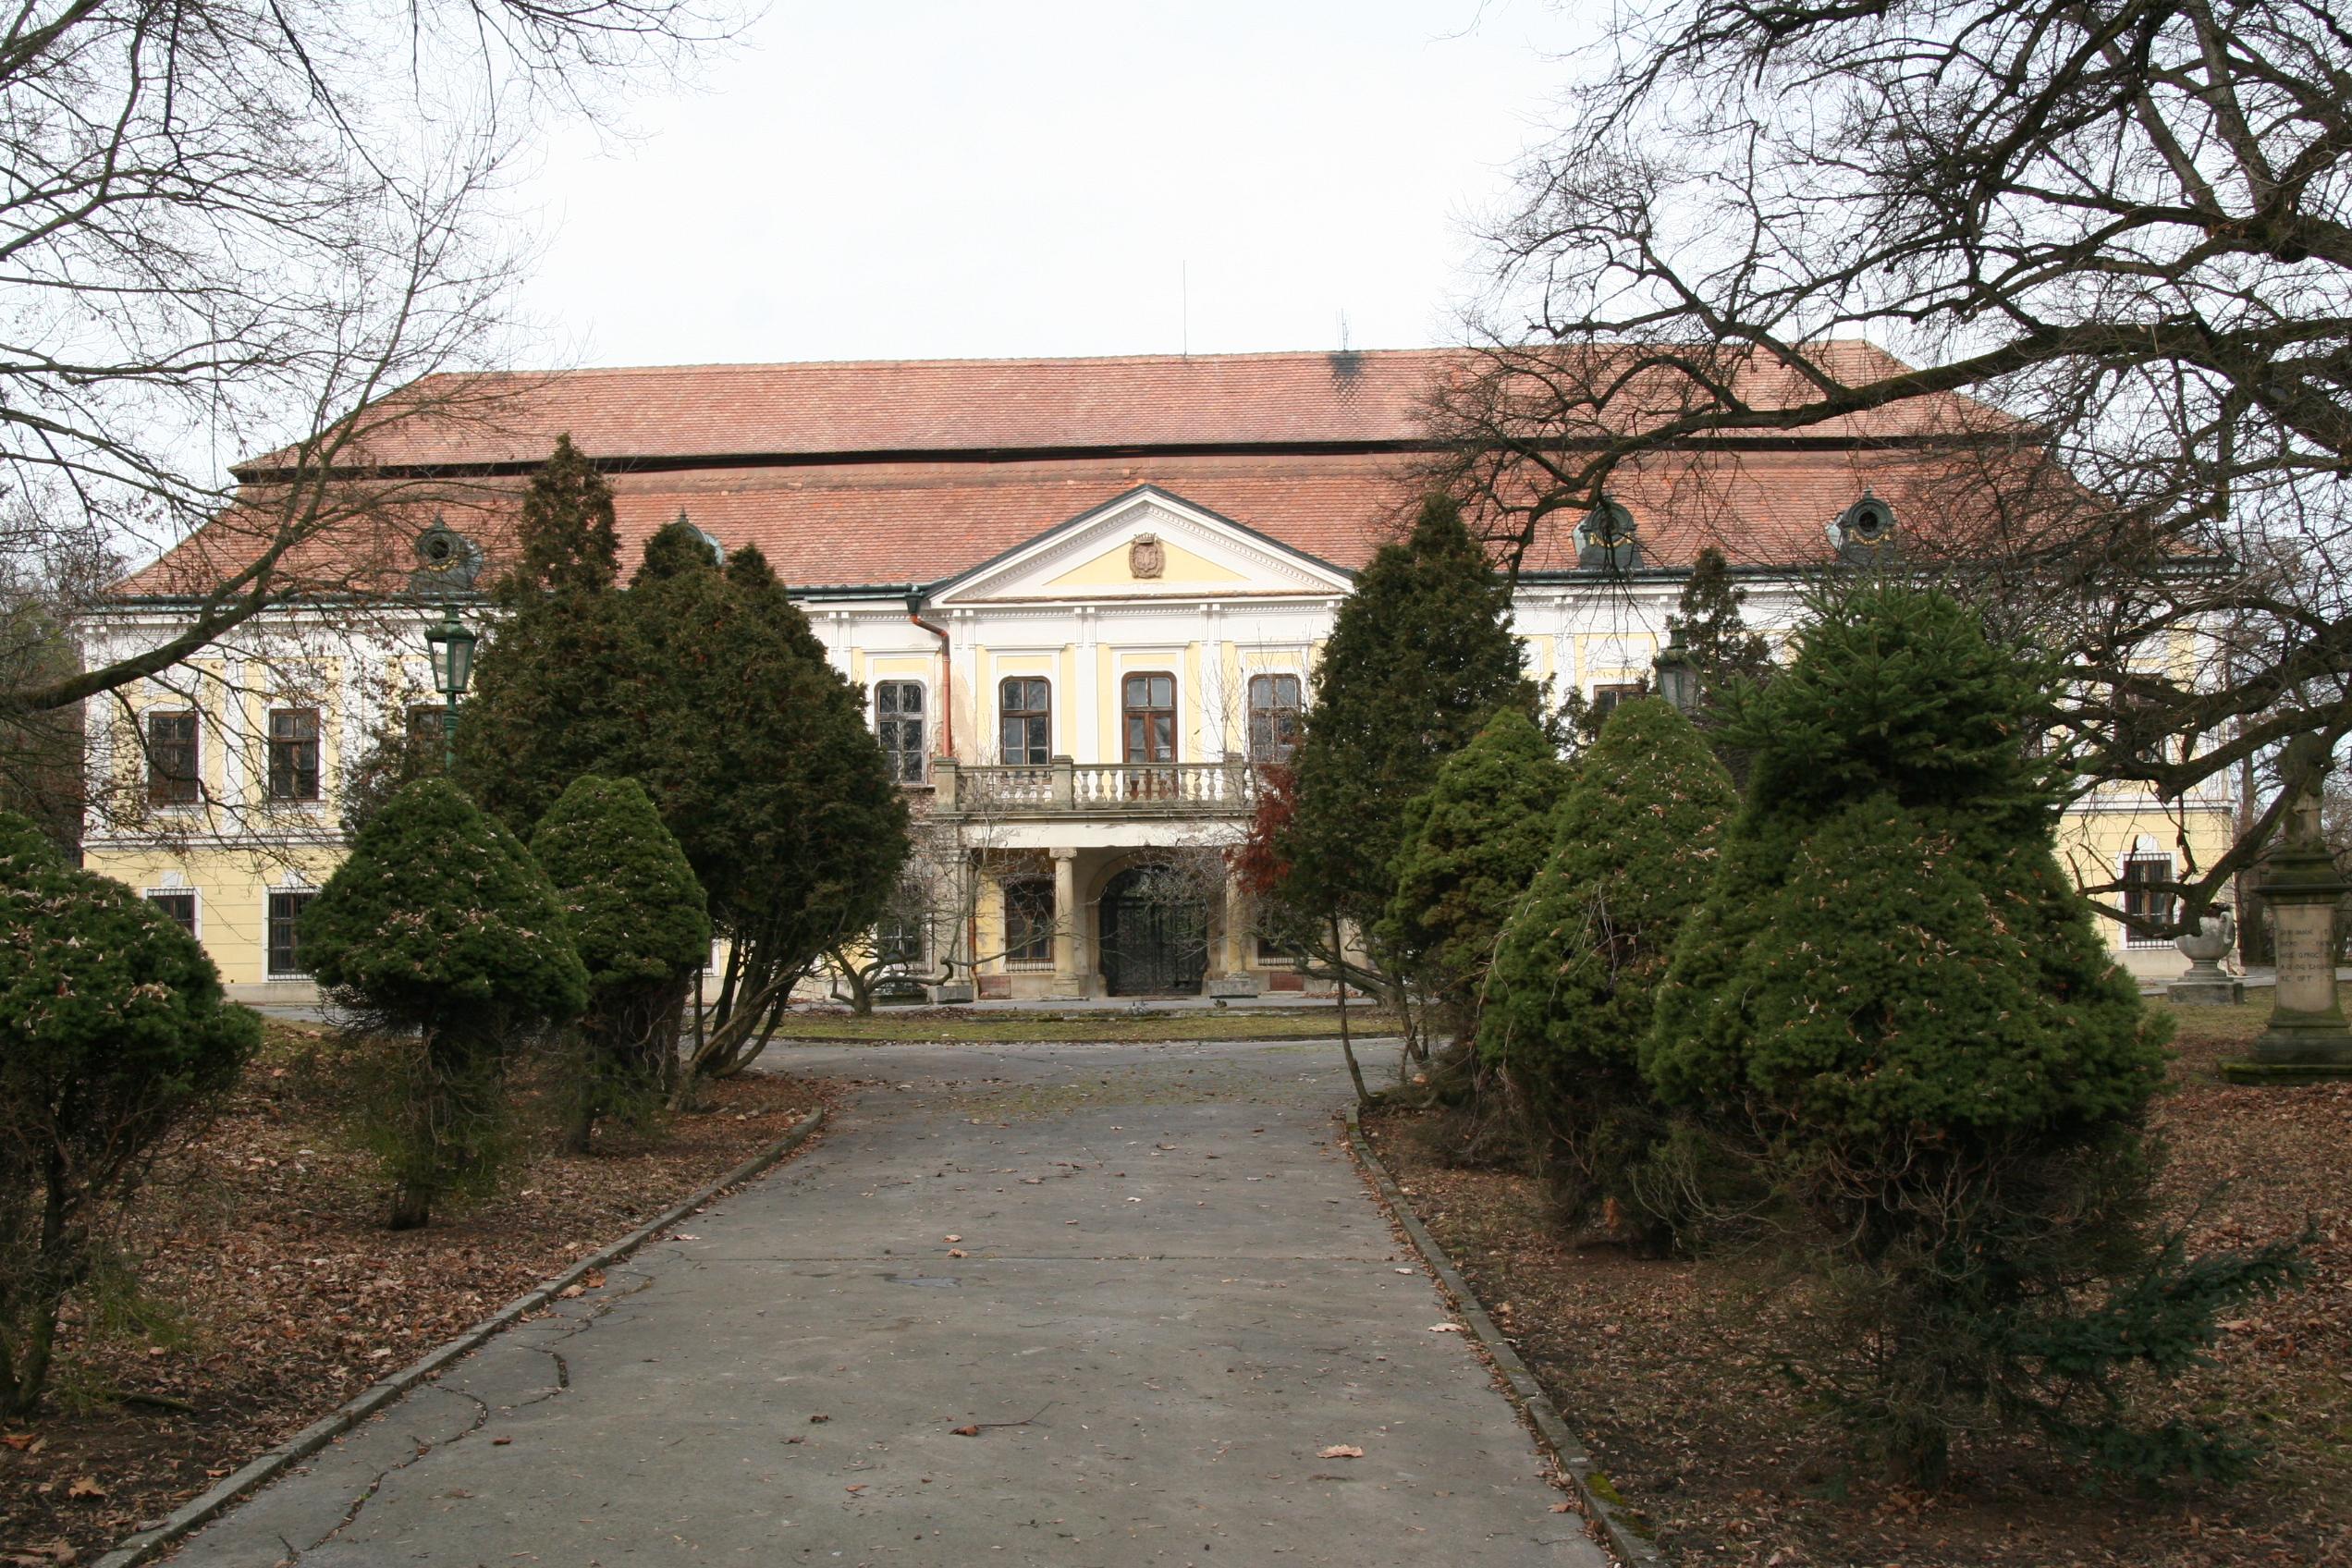 Zum Schloss Zdislavice, dem Geburtsort von Ebner-Eschenbach, führte eine spannende Reise durch scheinbar endloses Hügelland Foto: Robert Voglhuber